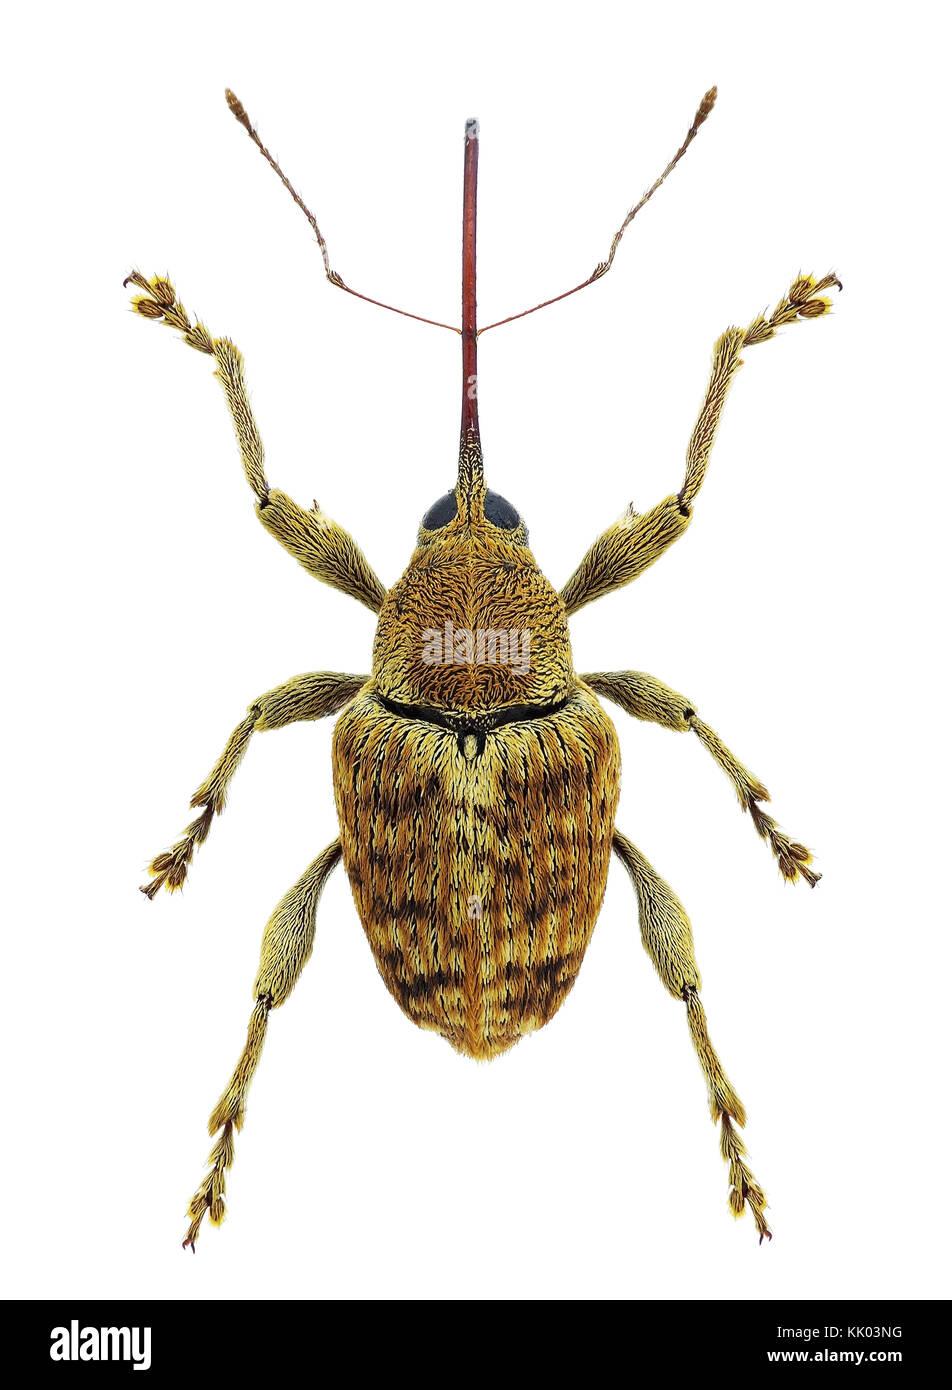 Curculio pellitus weevil, a mediterranean species - Stock Image